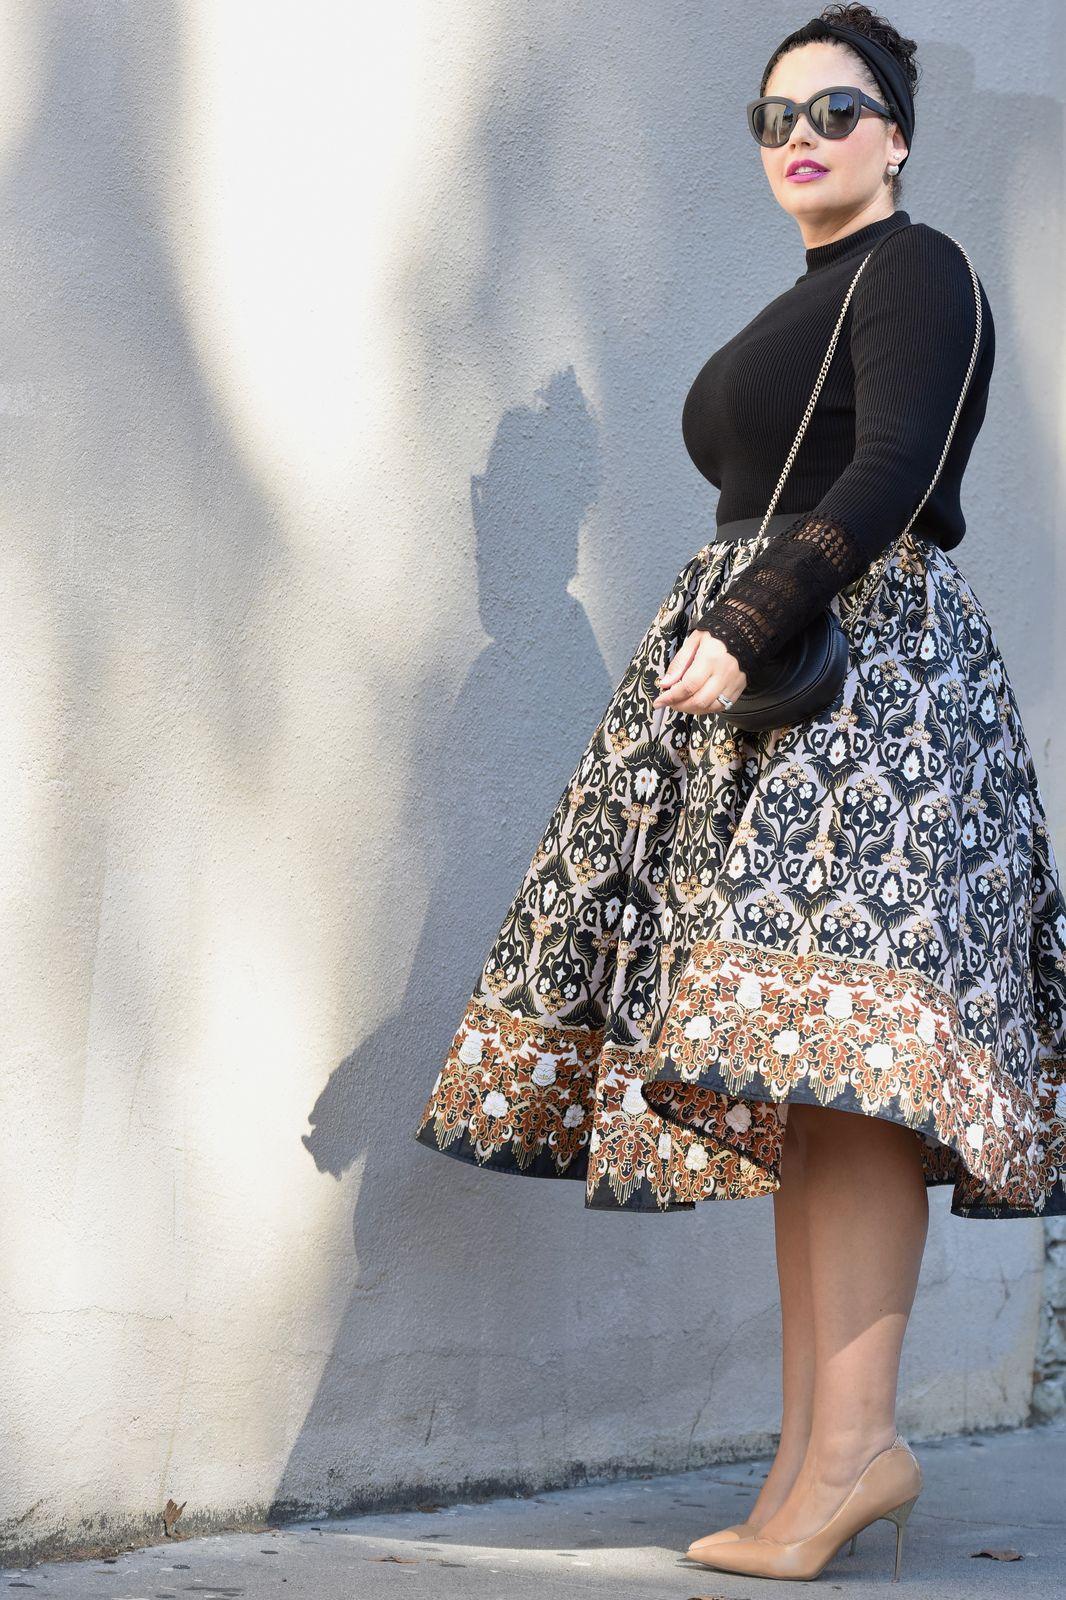 Skirt-bell: the best style for full ladies